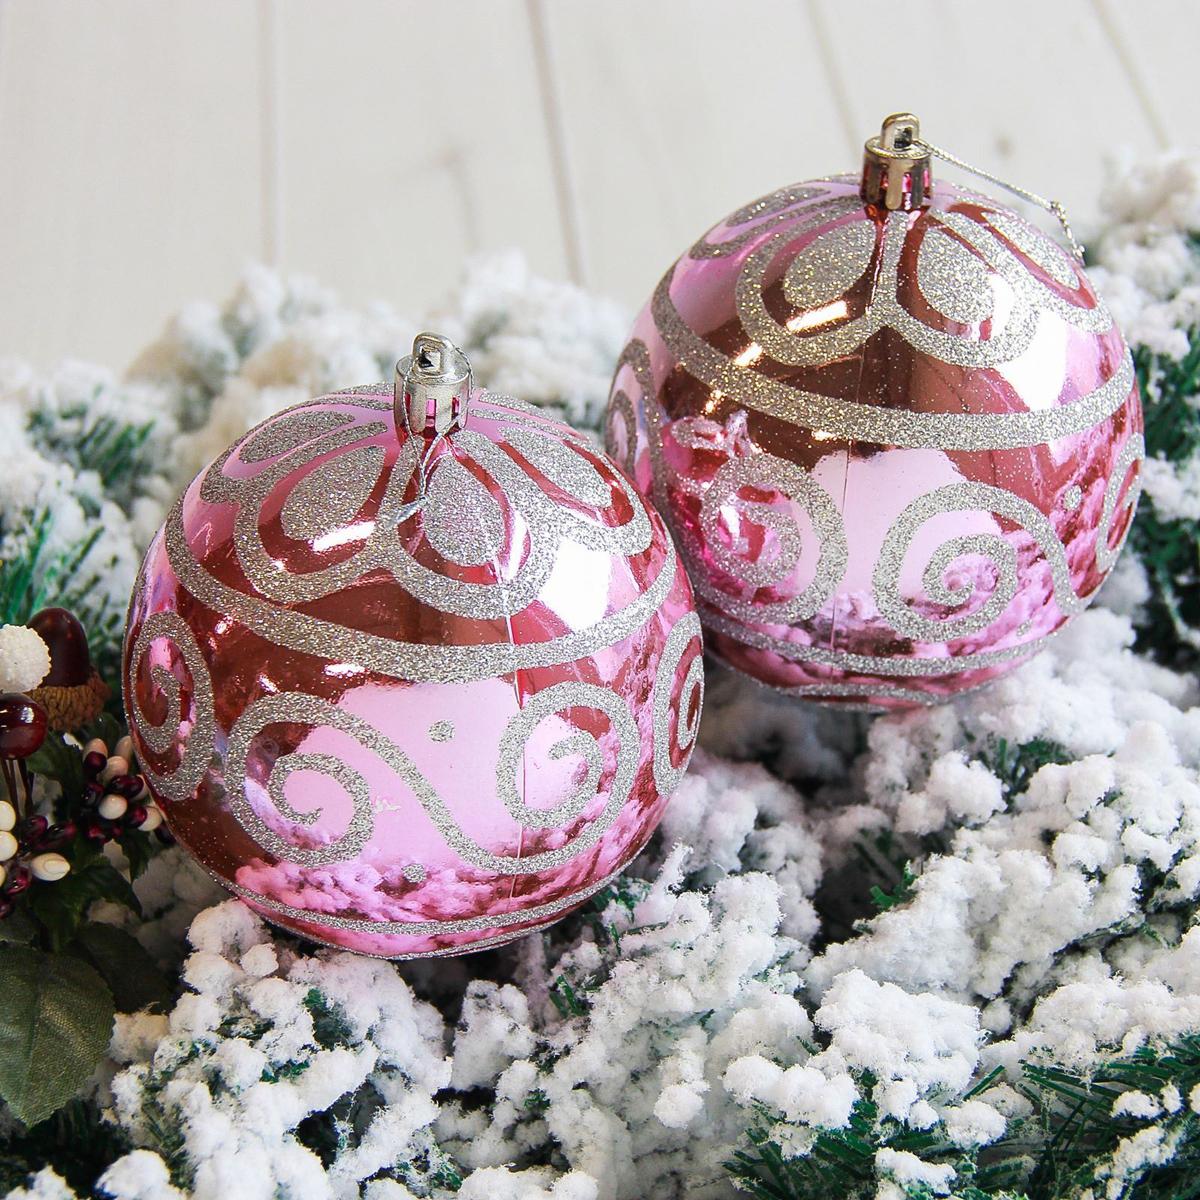 Набор новогодних подвесных украшений d-10 см 3 шт Sima-land Флер розовый2178217Невозможно представить нашу жизнь без праздников! Мы всегда ждём их и предвкушаем, обдумываем, как проведём памятный день, тщательно выбираем подарки и аксессуары, ведь именно они создают и поддерживают торжественный настрой.